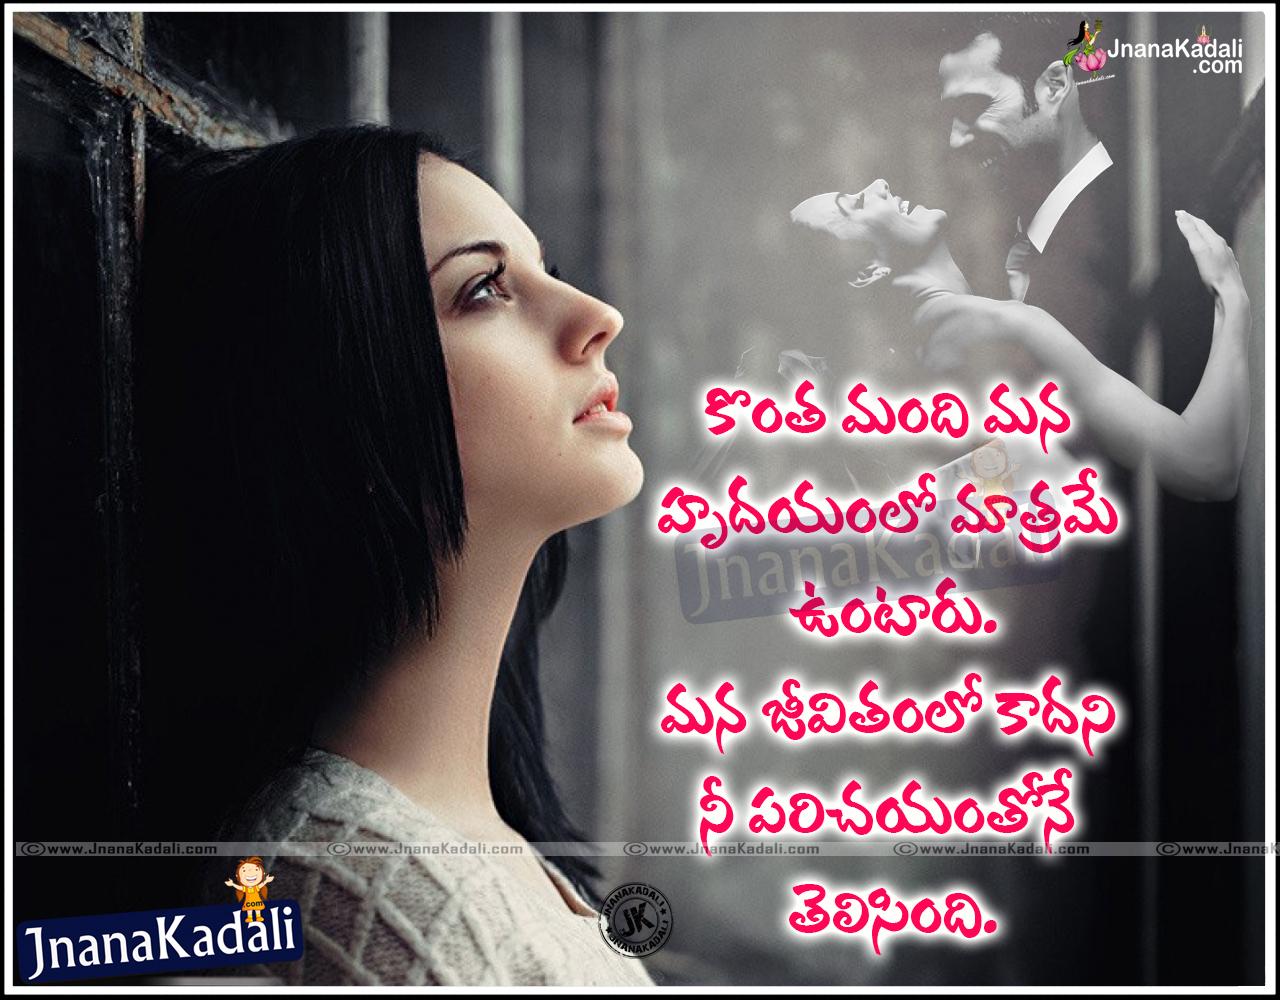 Alone Quotations In Telugu Language Best Telugu Alone Quotes